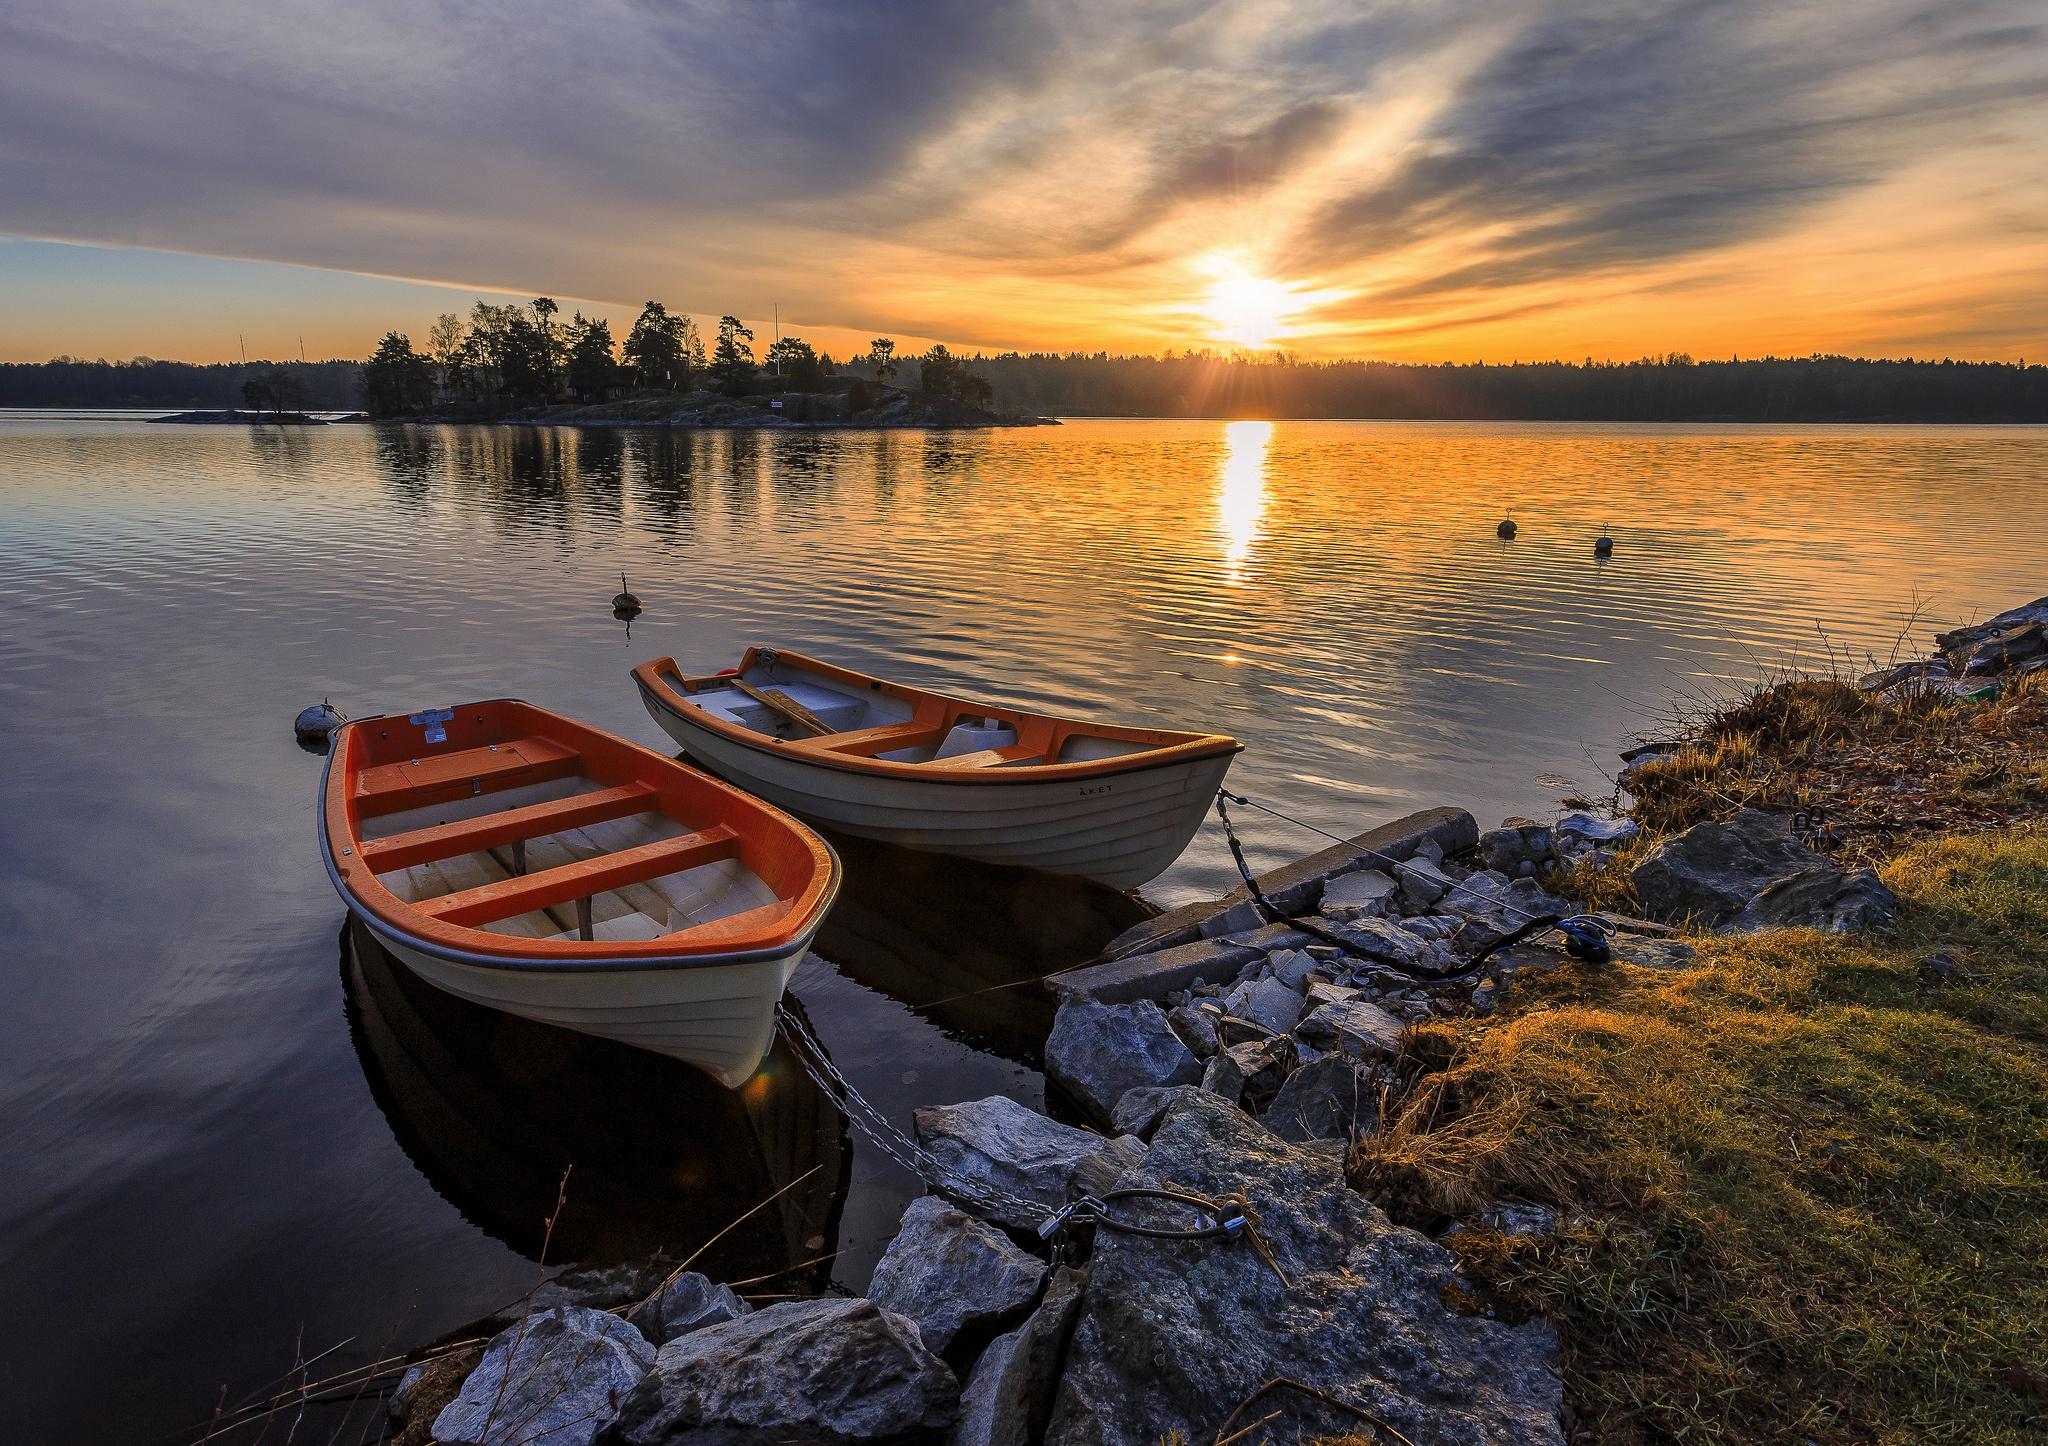 для лодки фото пейзаж качестве